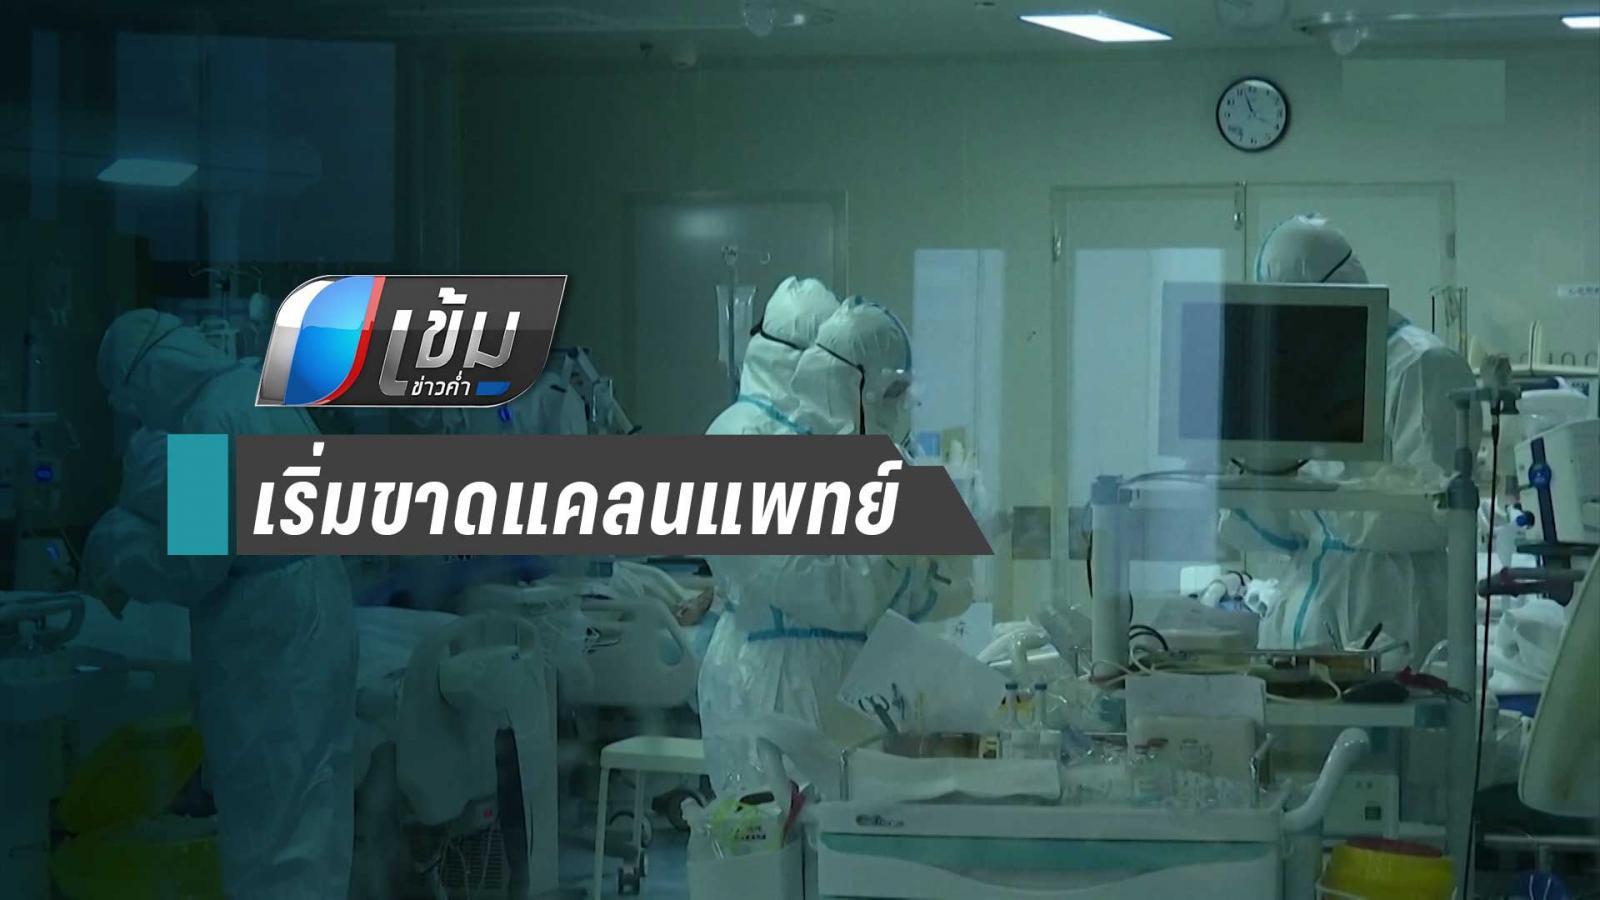 """เมืองอู่ฮั่น เริ่มขาดแคลนแพทย์-เครื่องมือ หลังยอดผู้ติดเชื้อ """"ไวรัสโคโรนา""""พุ่ง"""